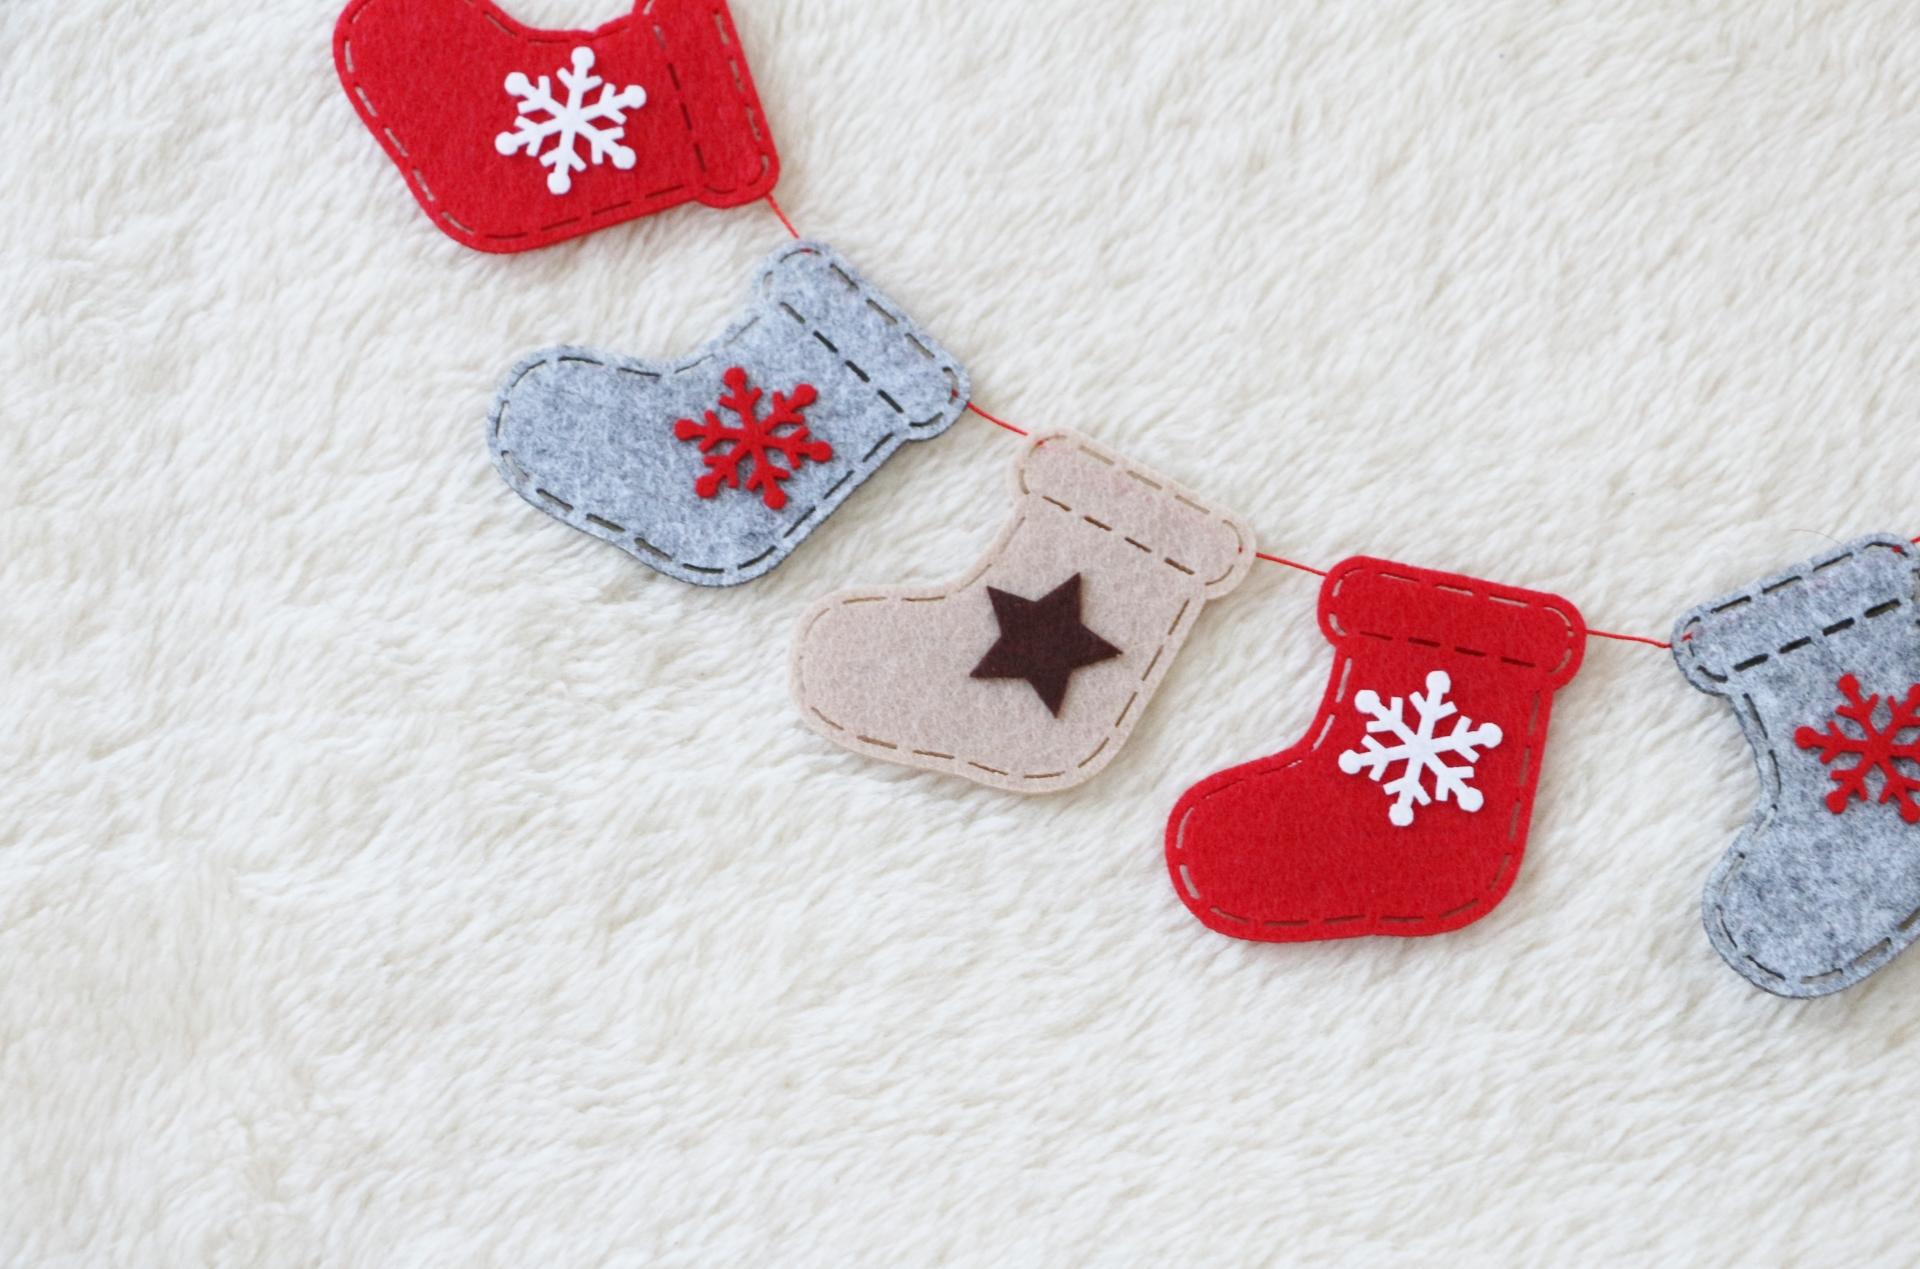 クリスマスガーランドのおすすめ9選!サンタや松ぼっくりも